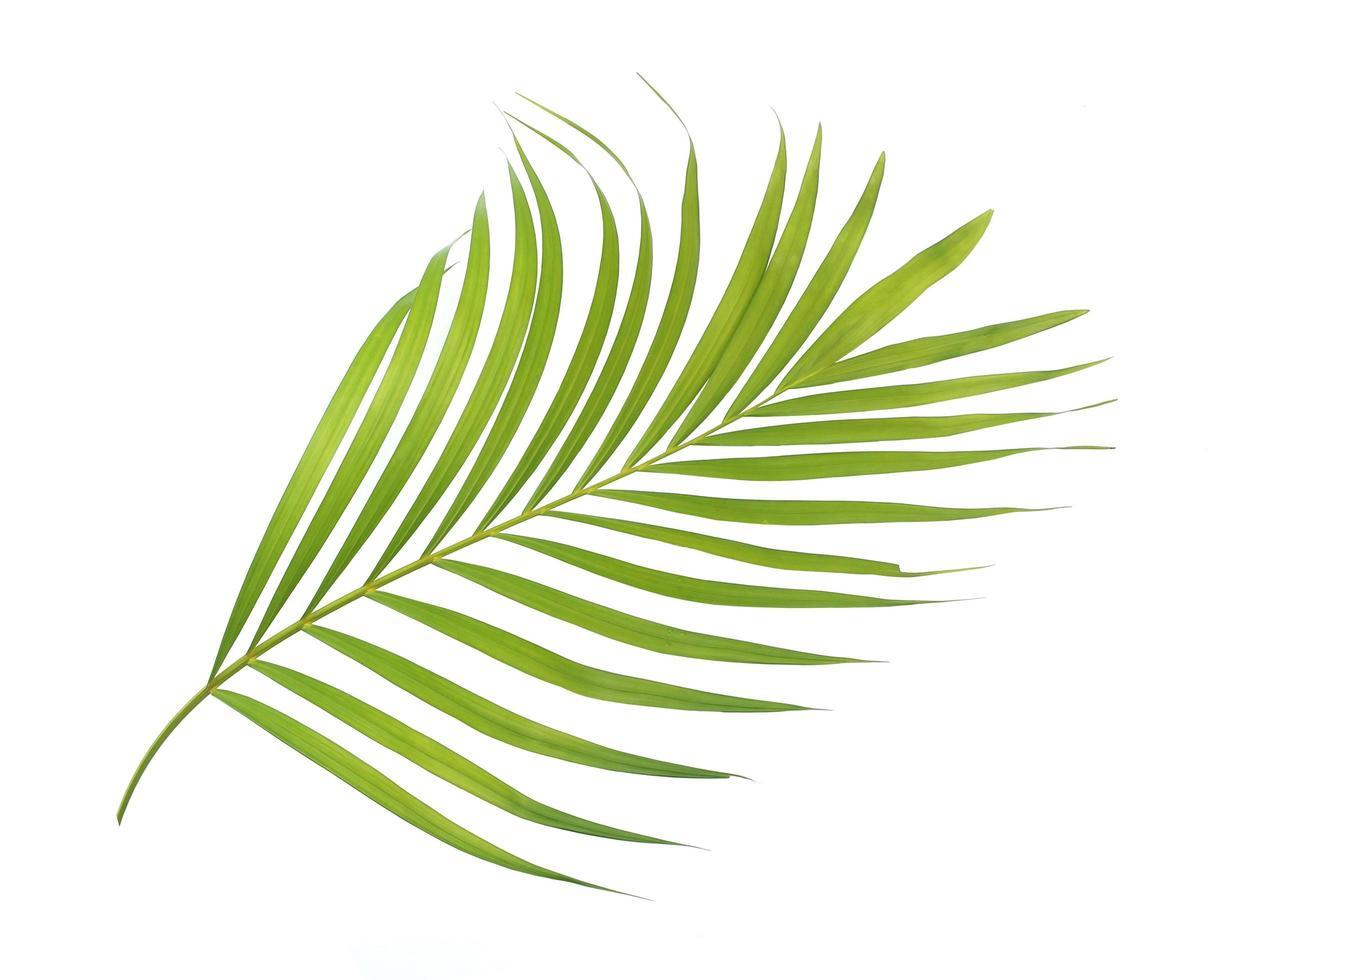 Palmblatt isoliert auf weißer Oberfläche foto